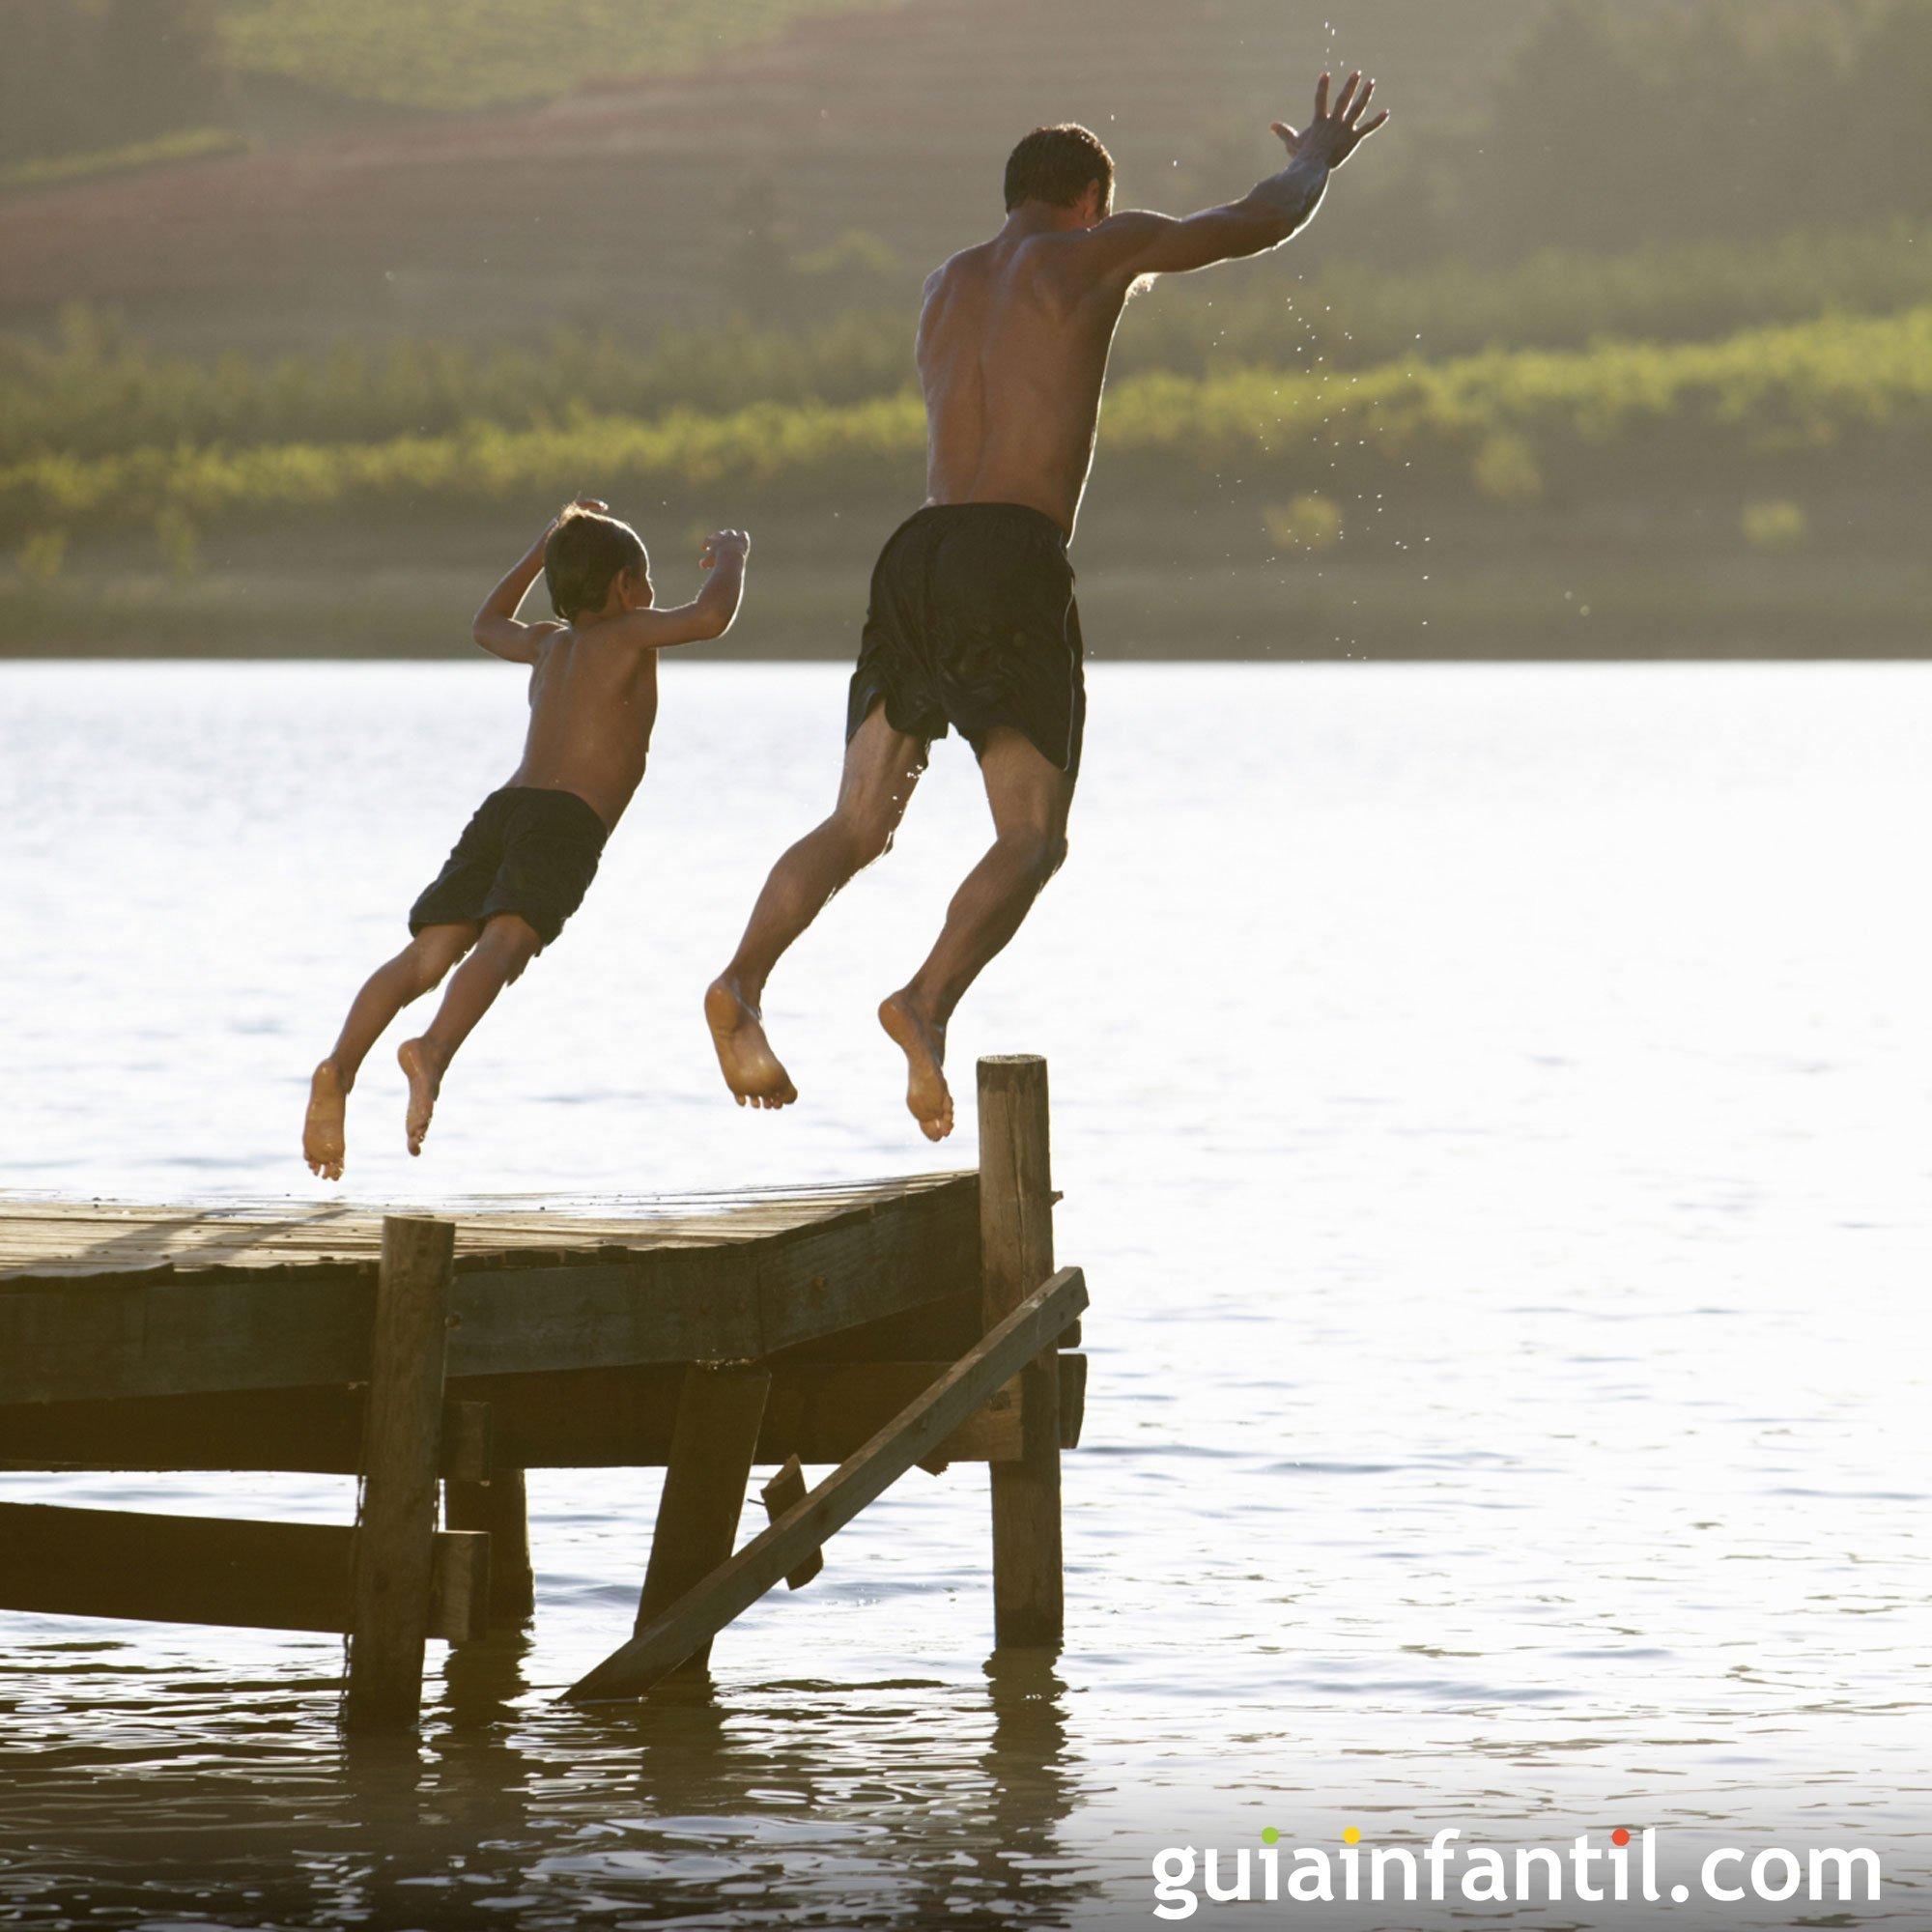 Jugar en el río o en el lago con papá